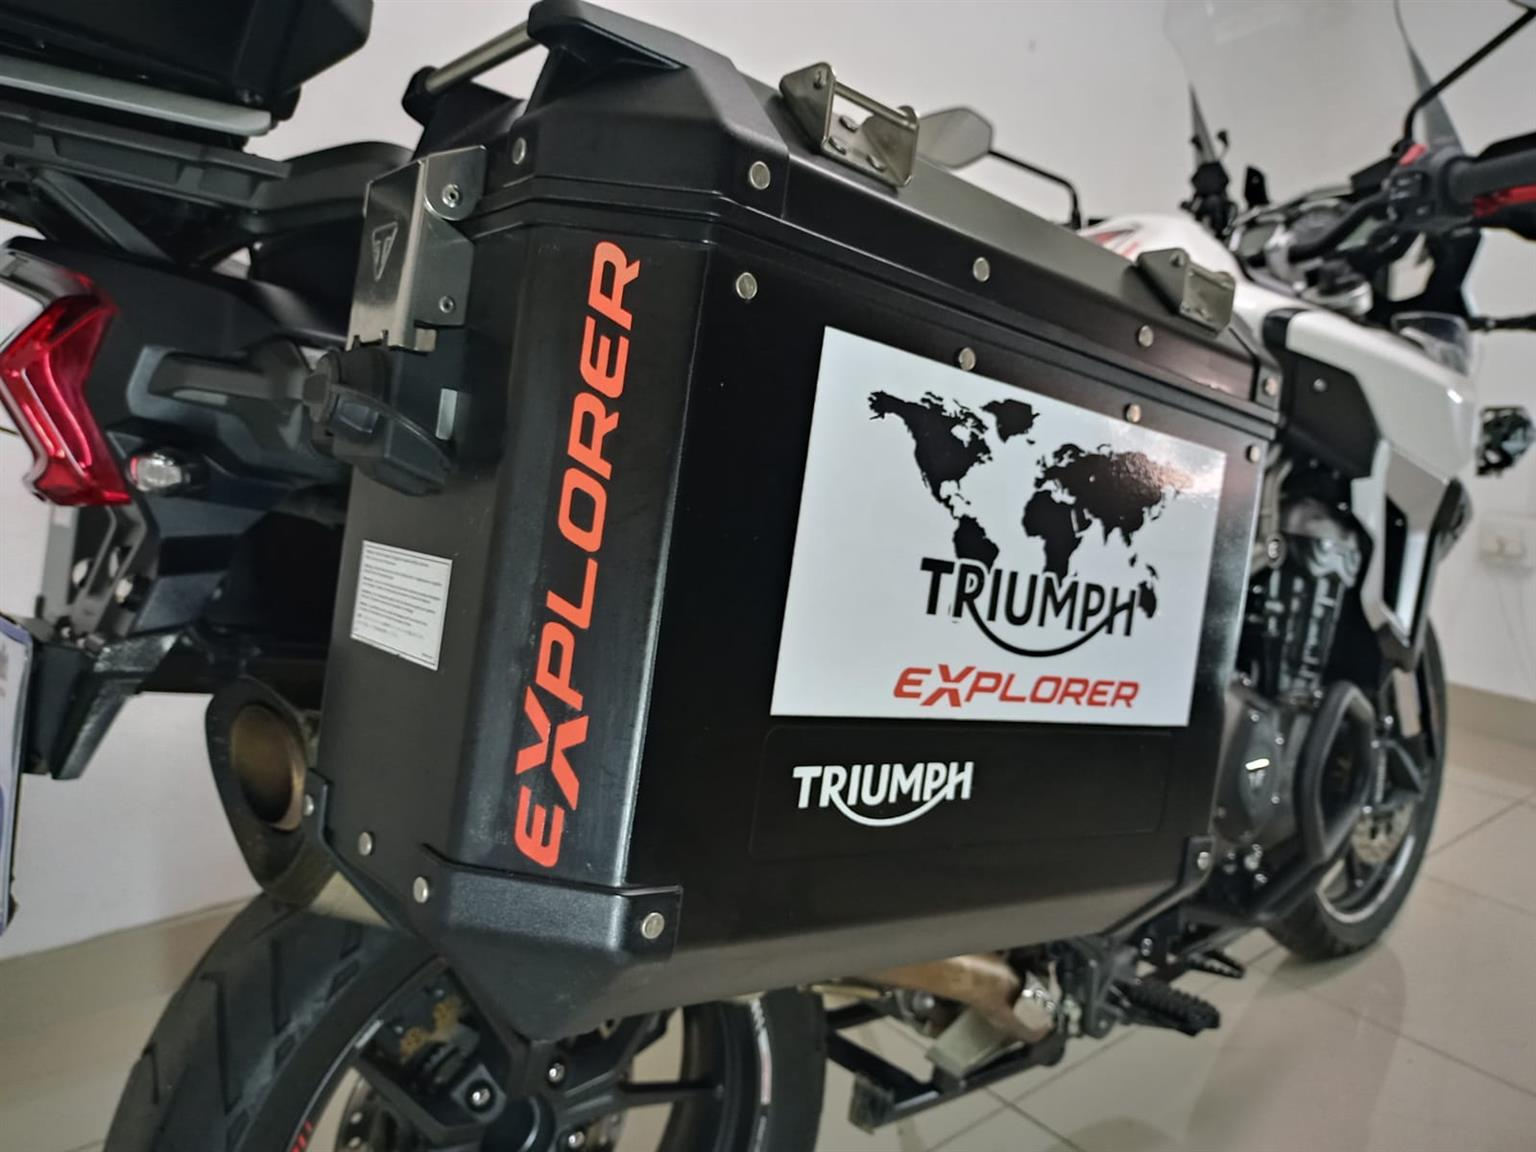 2017 Triumph Explorer